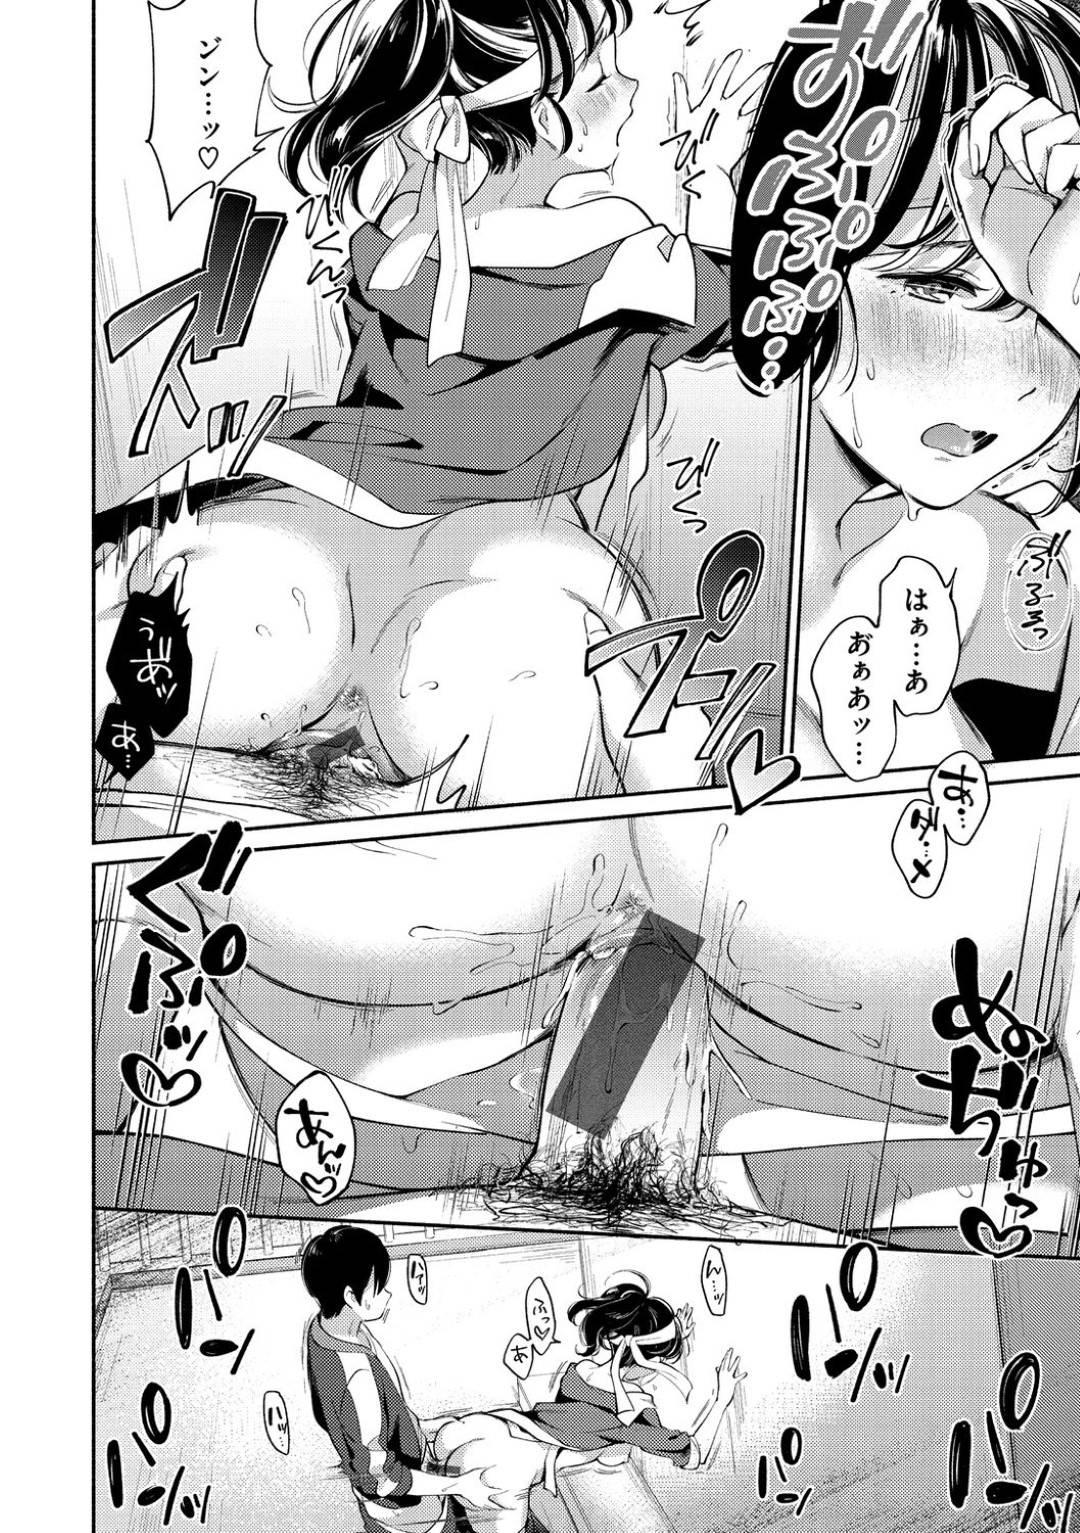 【エロ漫画】応援団でサラシ姿の彼女を心配する彼氏…屋上でやきもちを妬いていると彼女がフェラしてくれてそのまま中出しセックスも【Wantan Meo:えっち団結!】